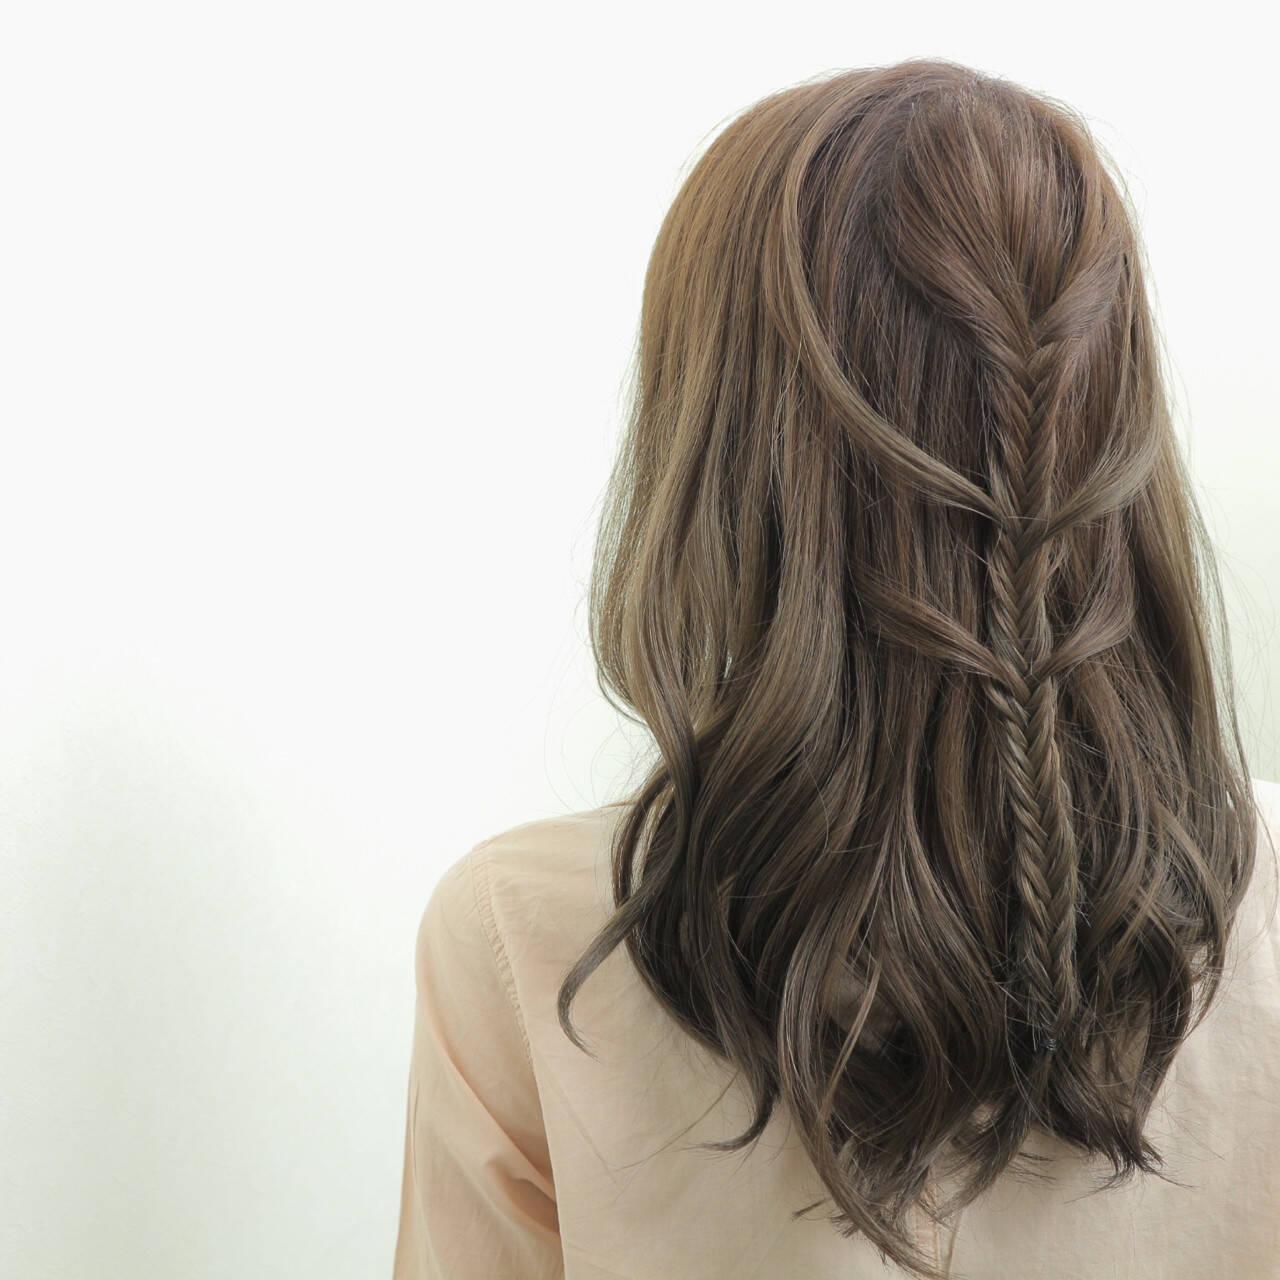 外国人風 ヘアアレンジ セミロング 編み込みヘアスタイルや髪型の写真・画像